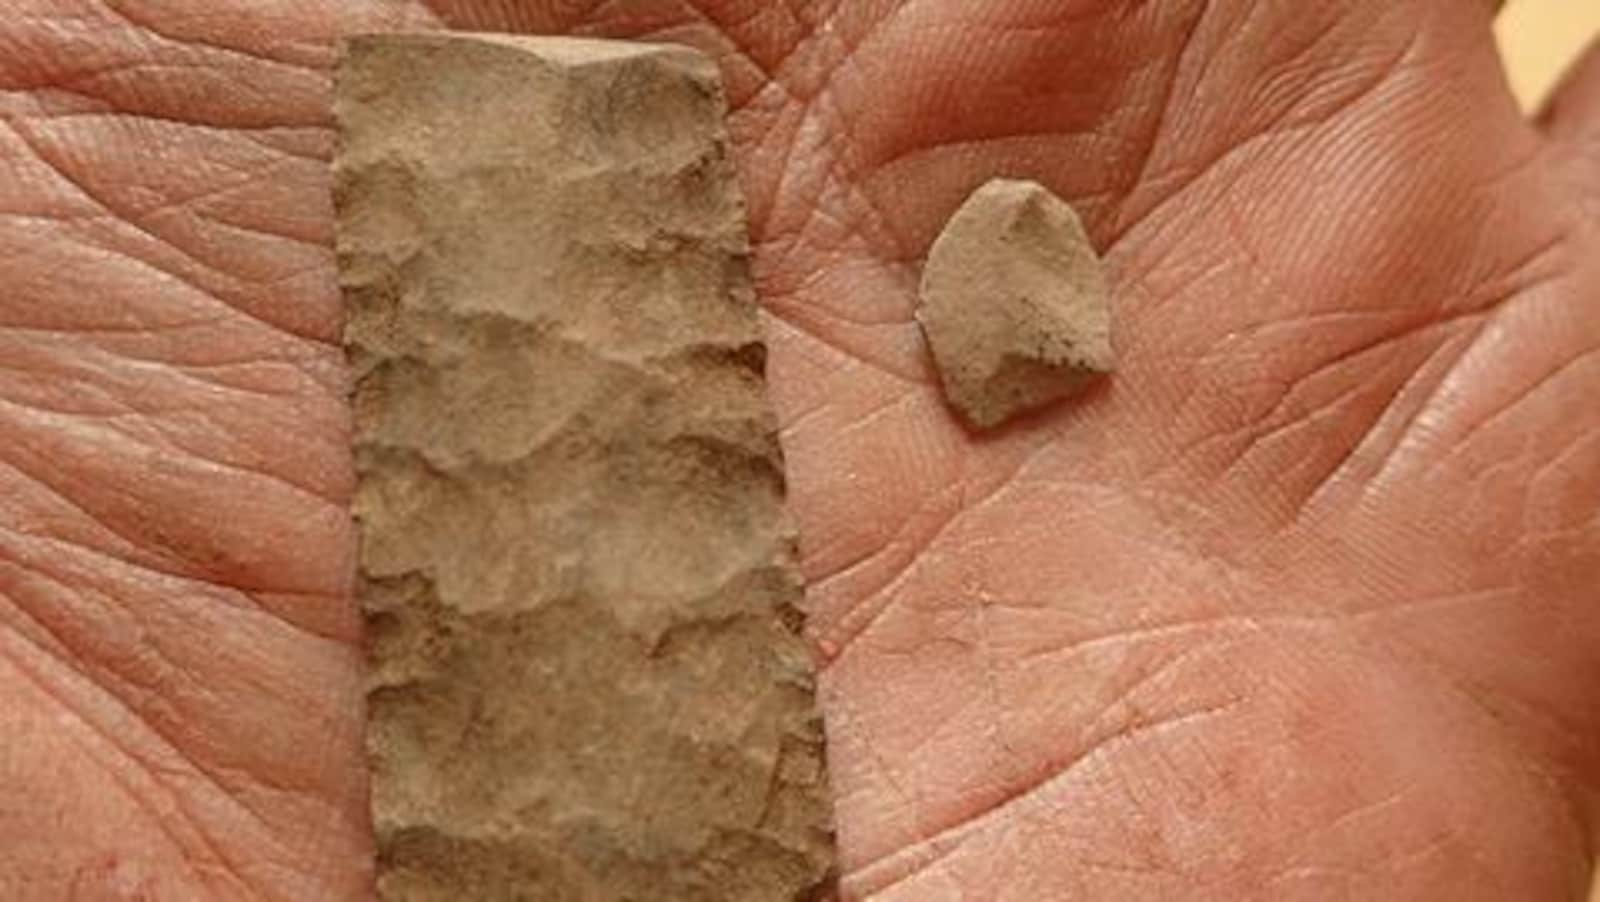 Deux cailloux taillés dans le fond d'une main